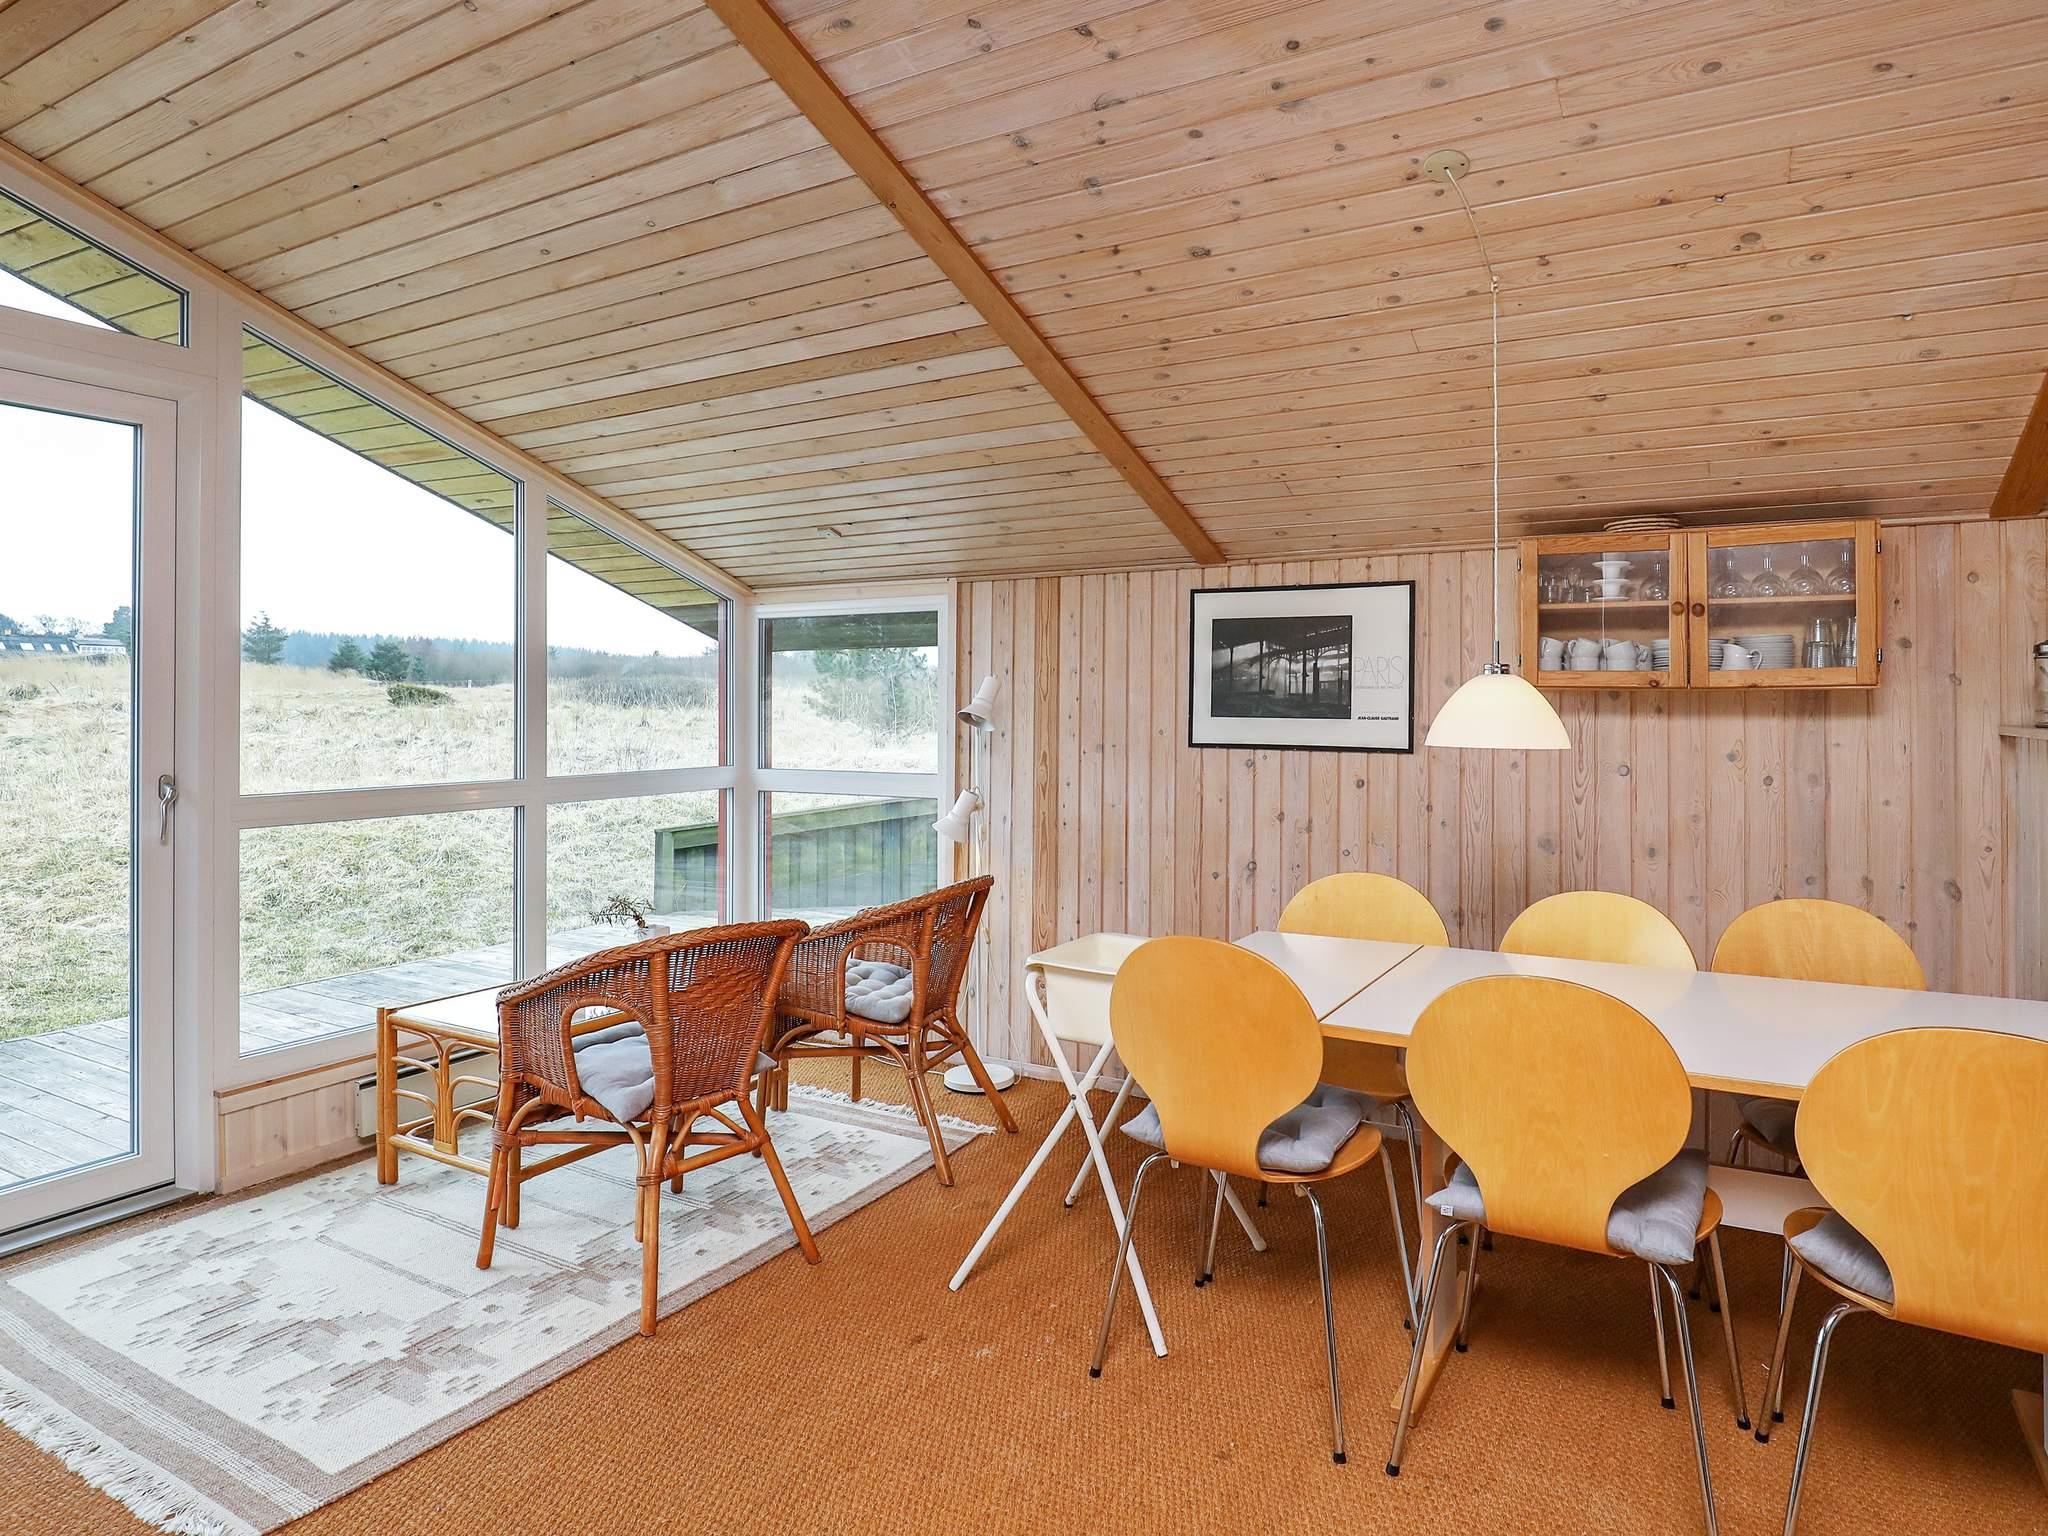 Ferienhaus Kjul Strand (319409), Hirtshals, , Nordwestjütland, Dänemark, Bild 5